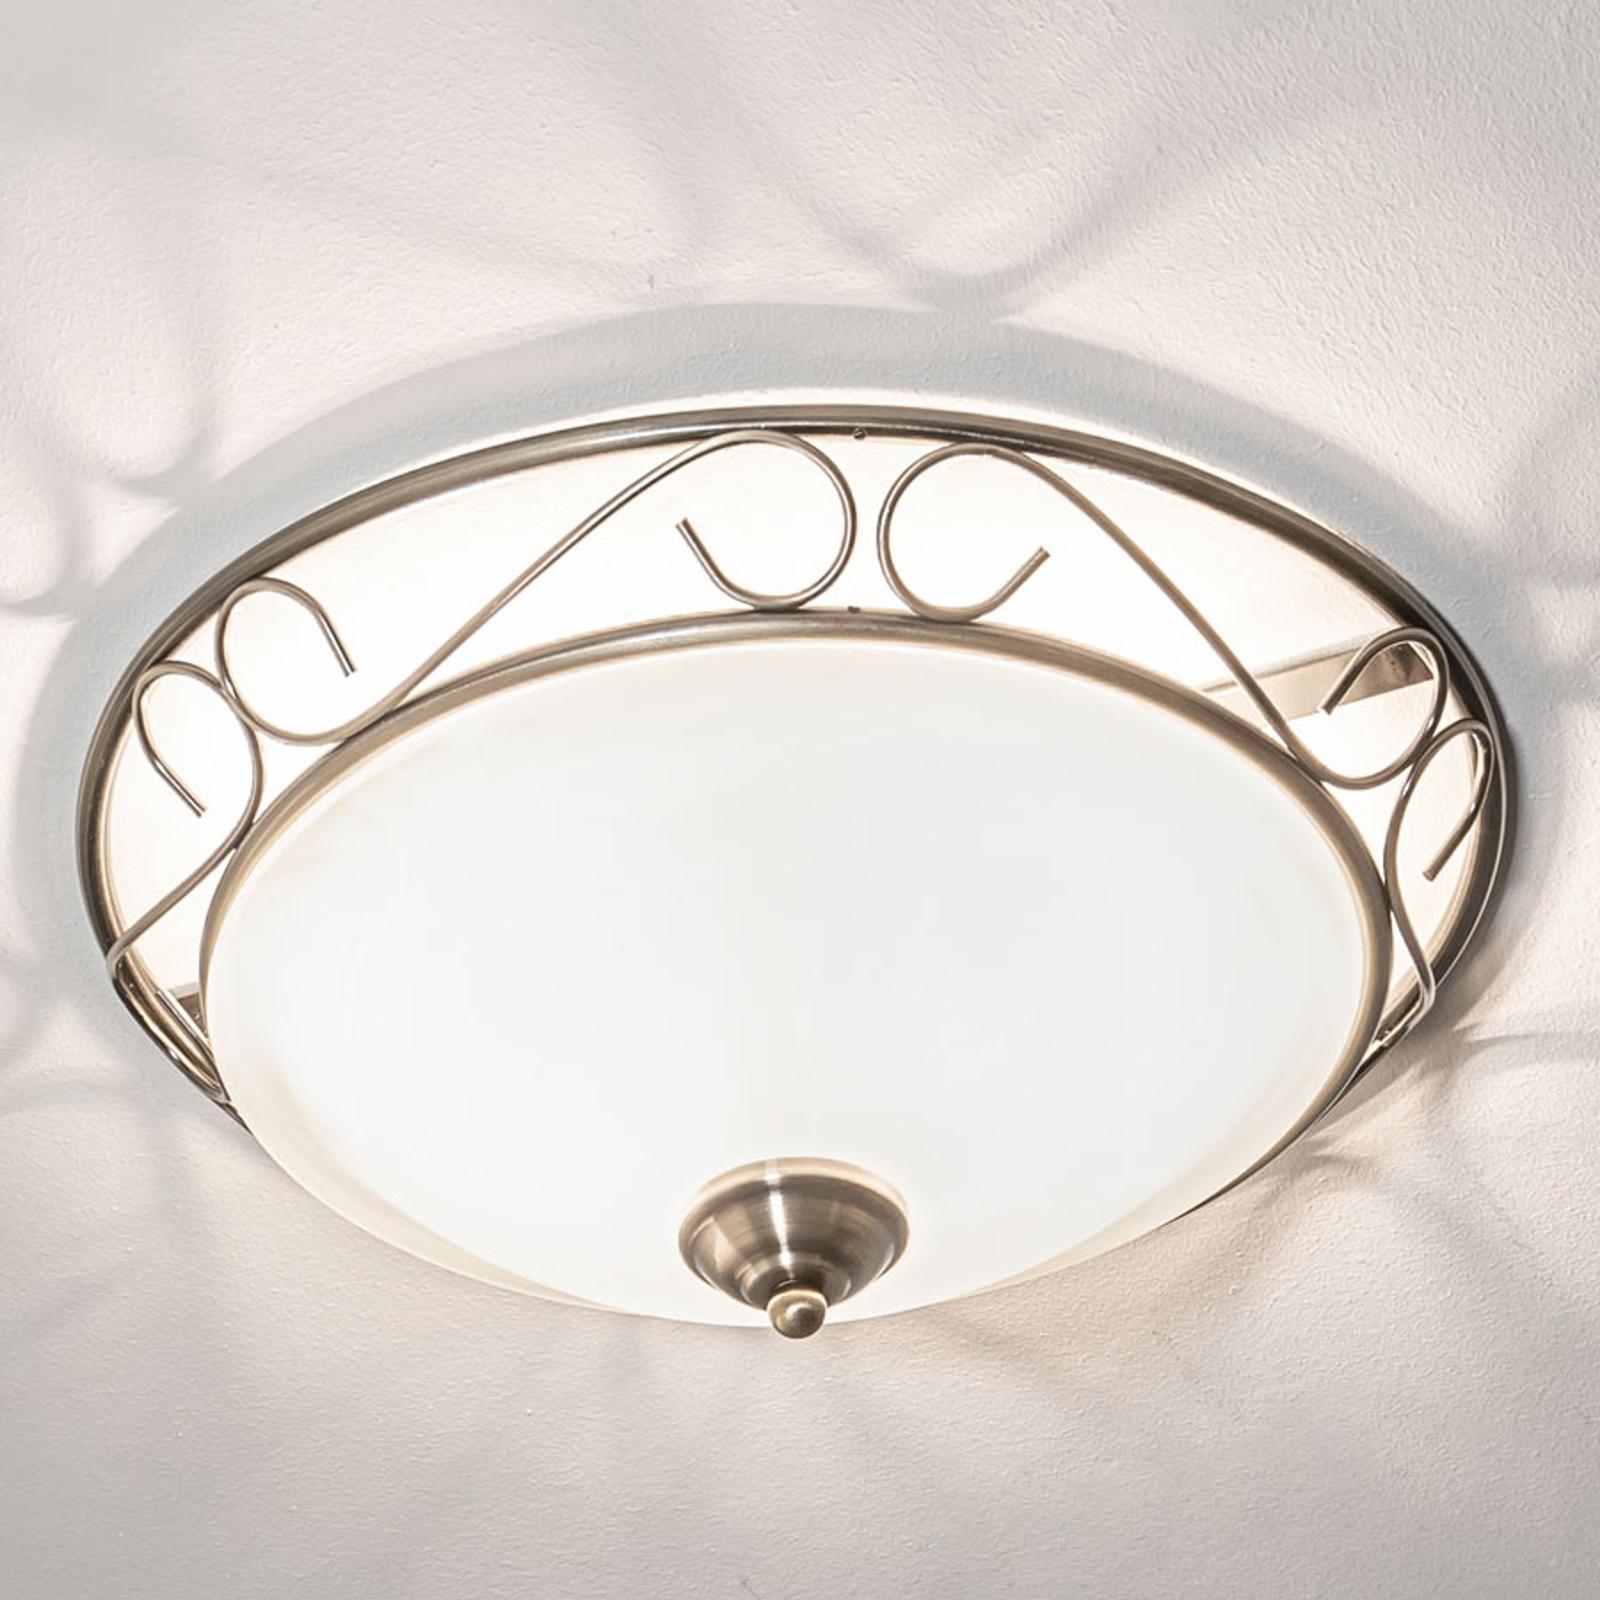 Anneke - romantisch-verspielt wirkende Deckenlampe